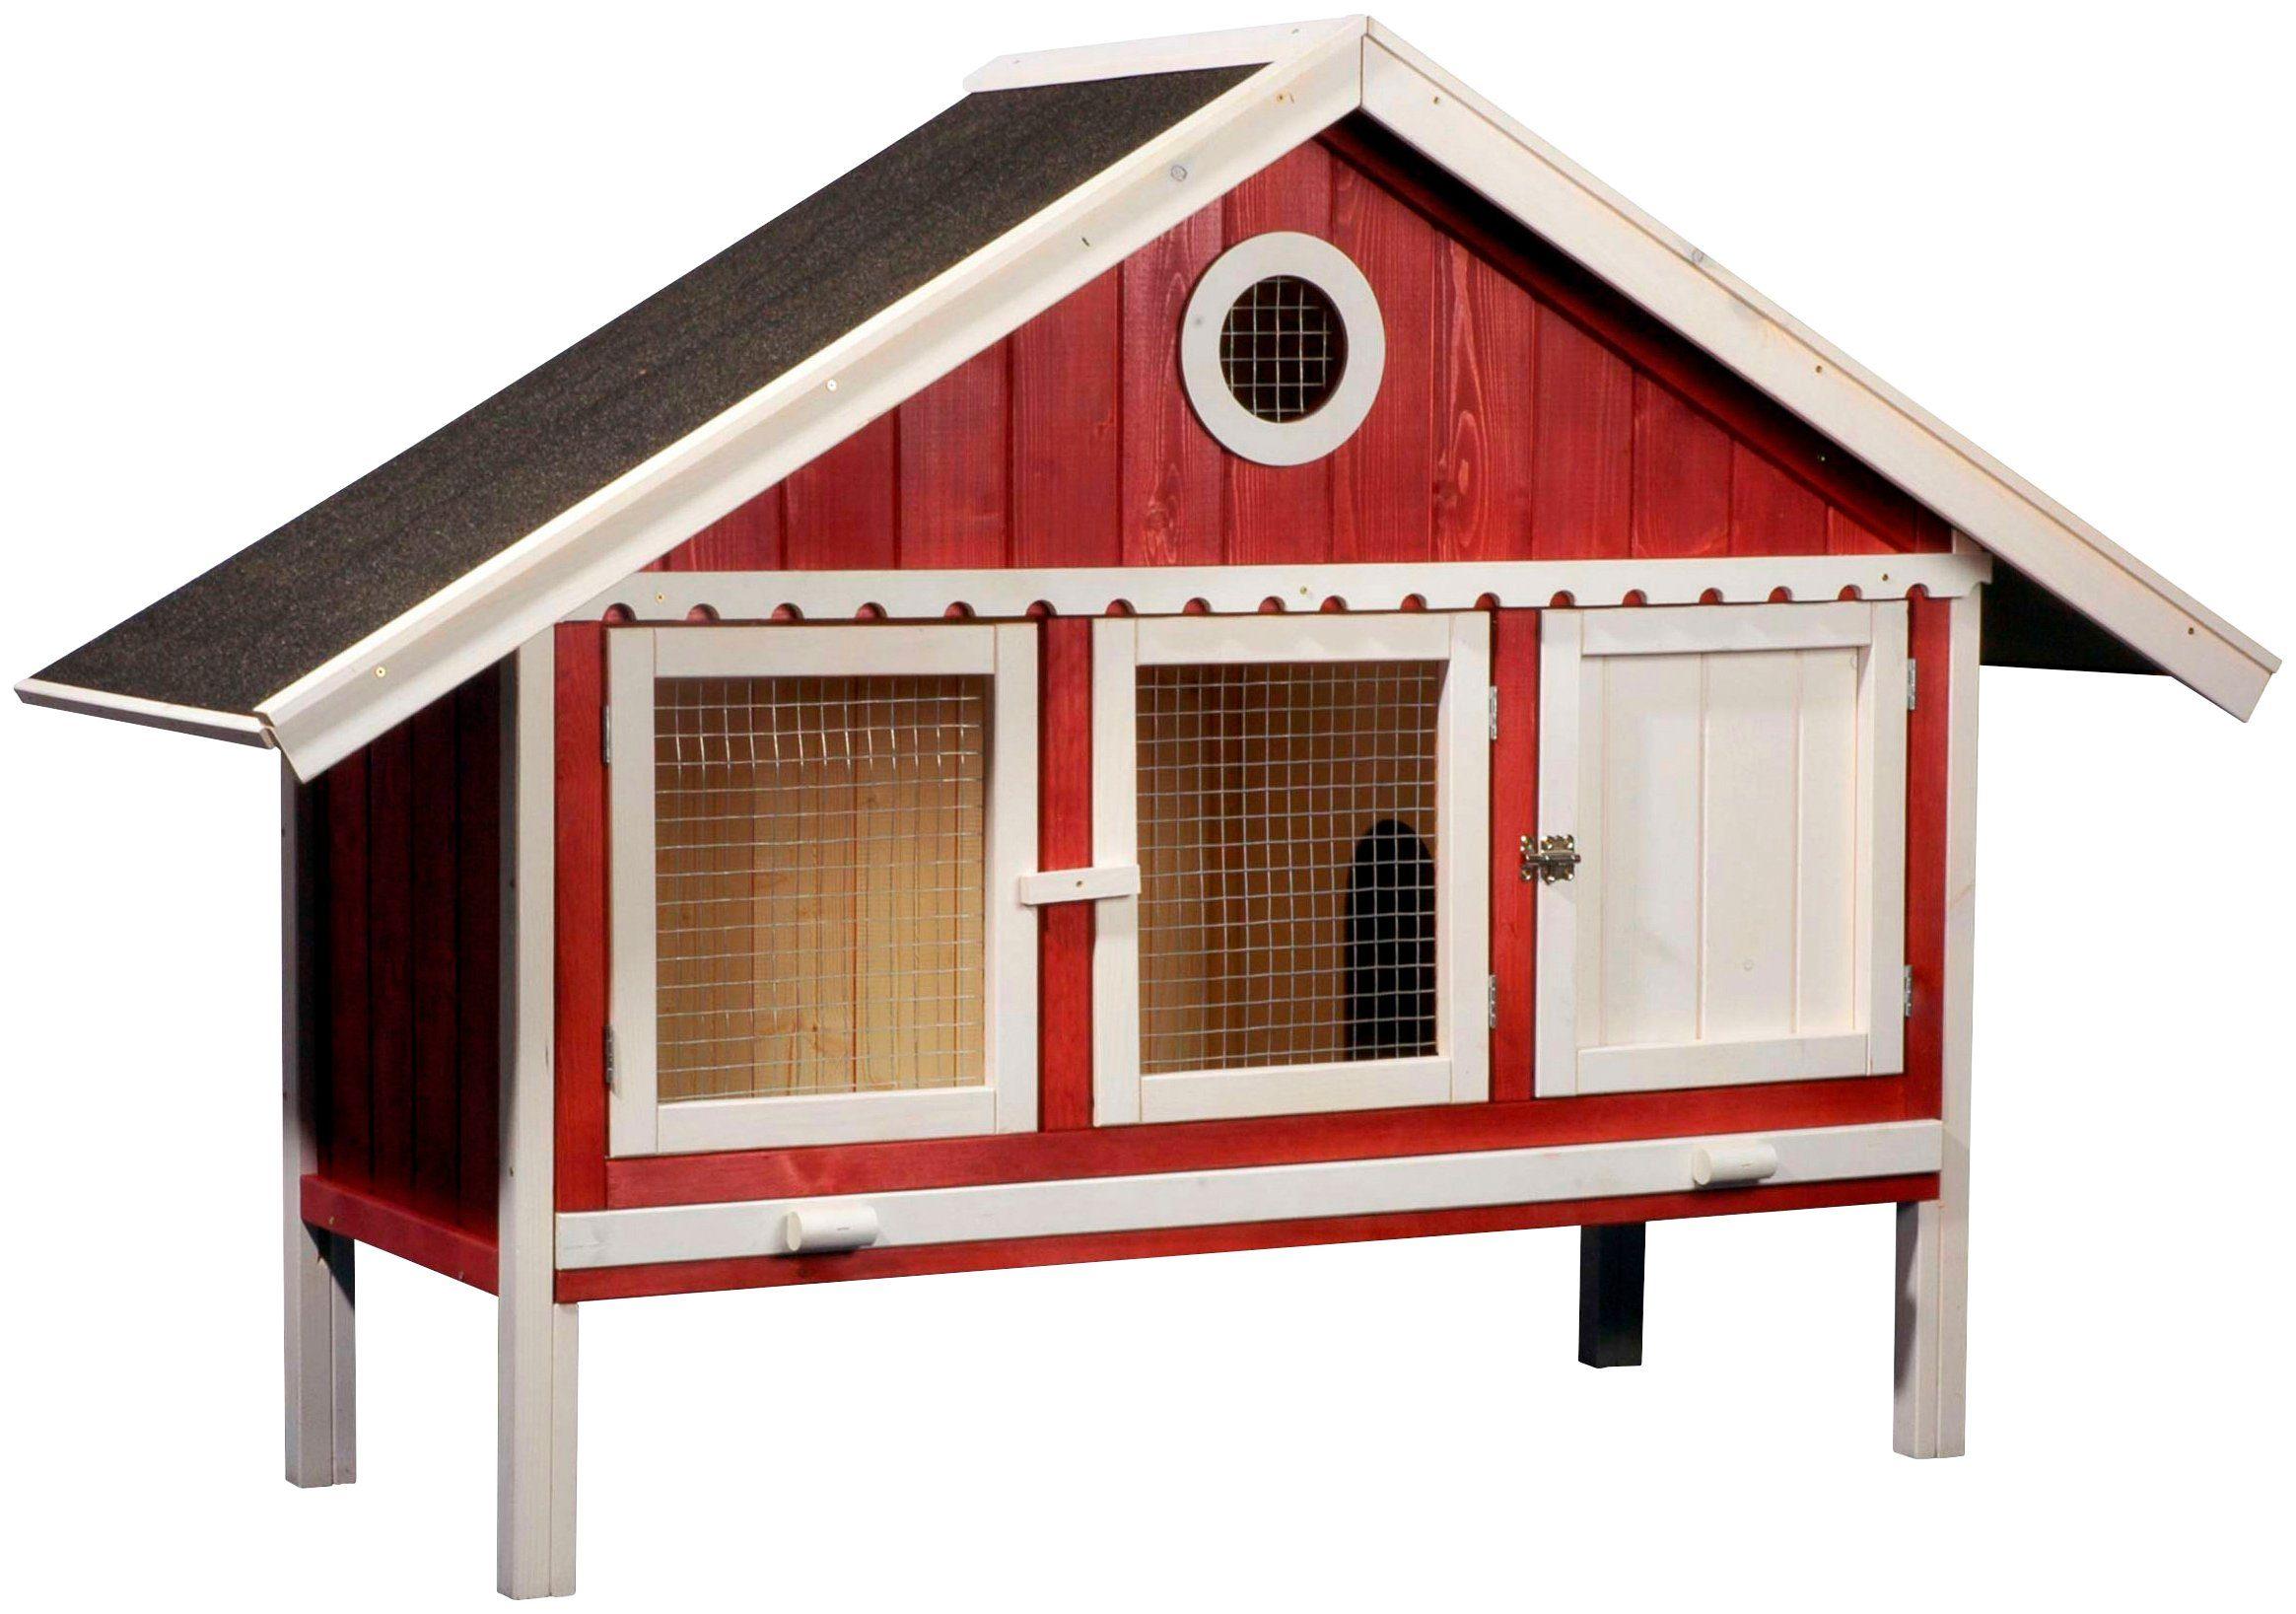 DOBAR Kleintierstall »Schwedenhaus«, BxTxH: 170x56x115 cm, mit Freilaufgehege